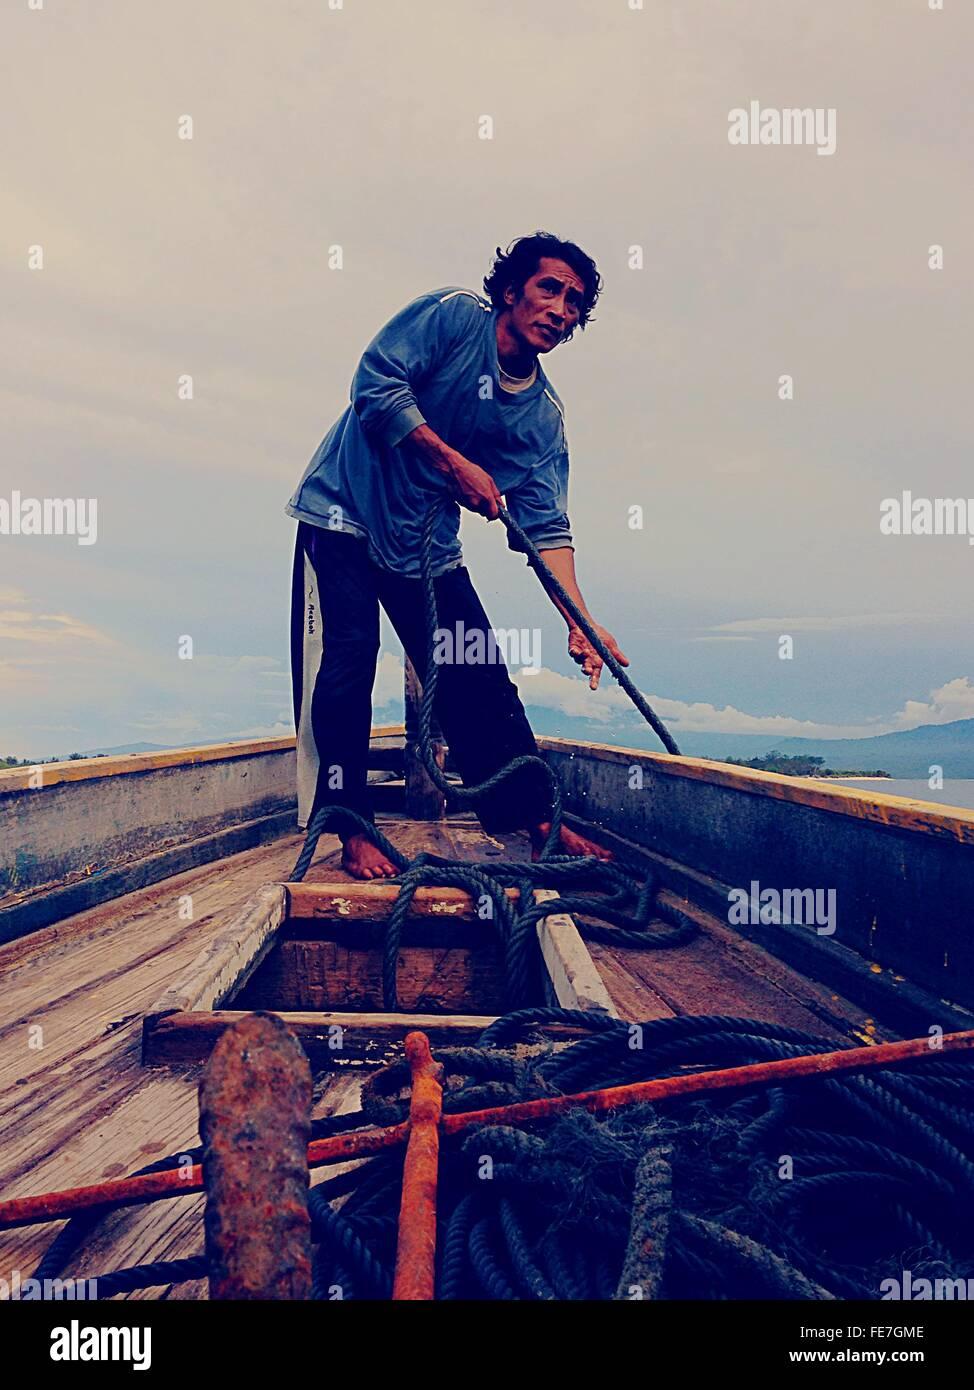 Longitud total del hombre tirando de la cuerda en el barco contra el cielo Imagen De Stock